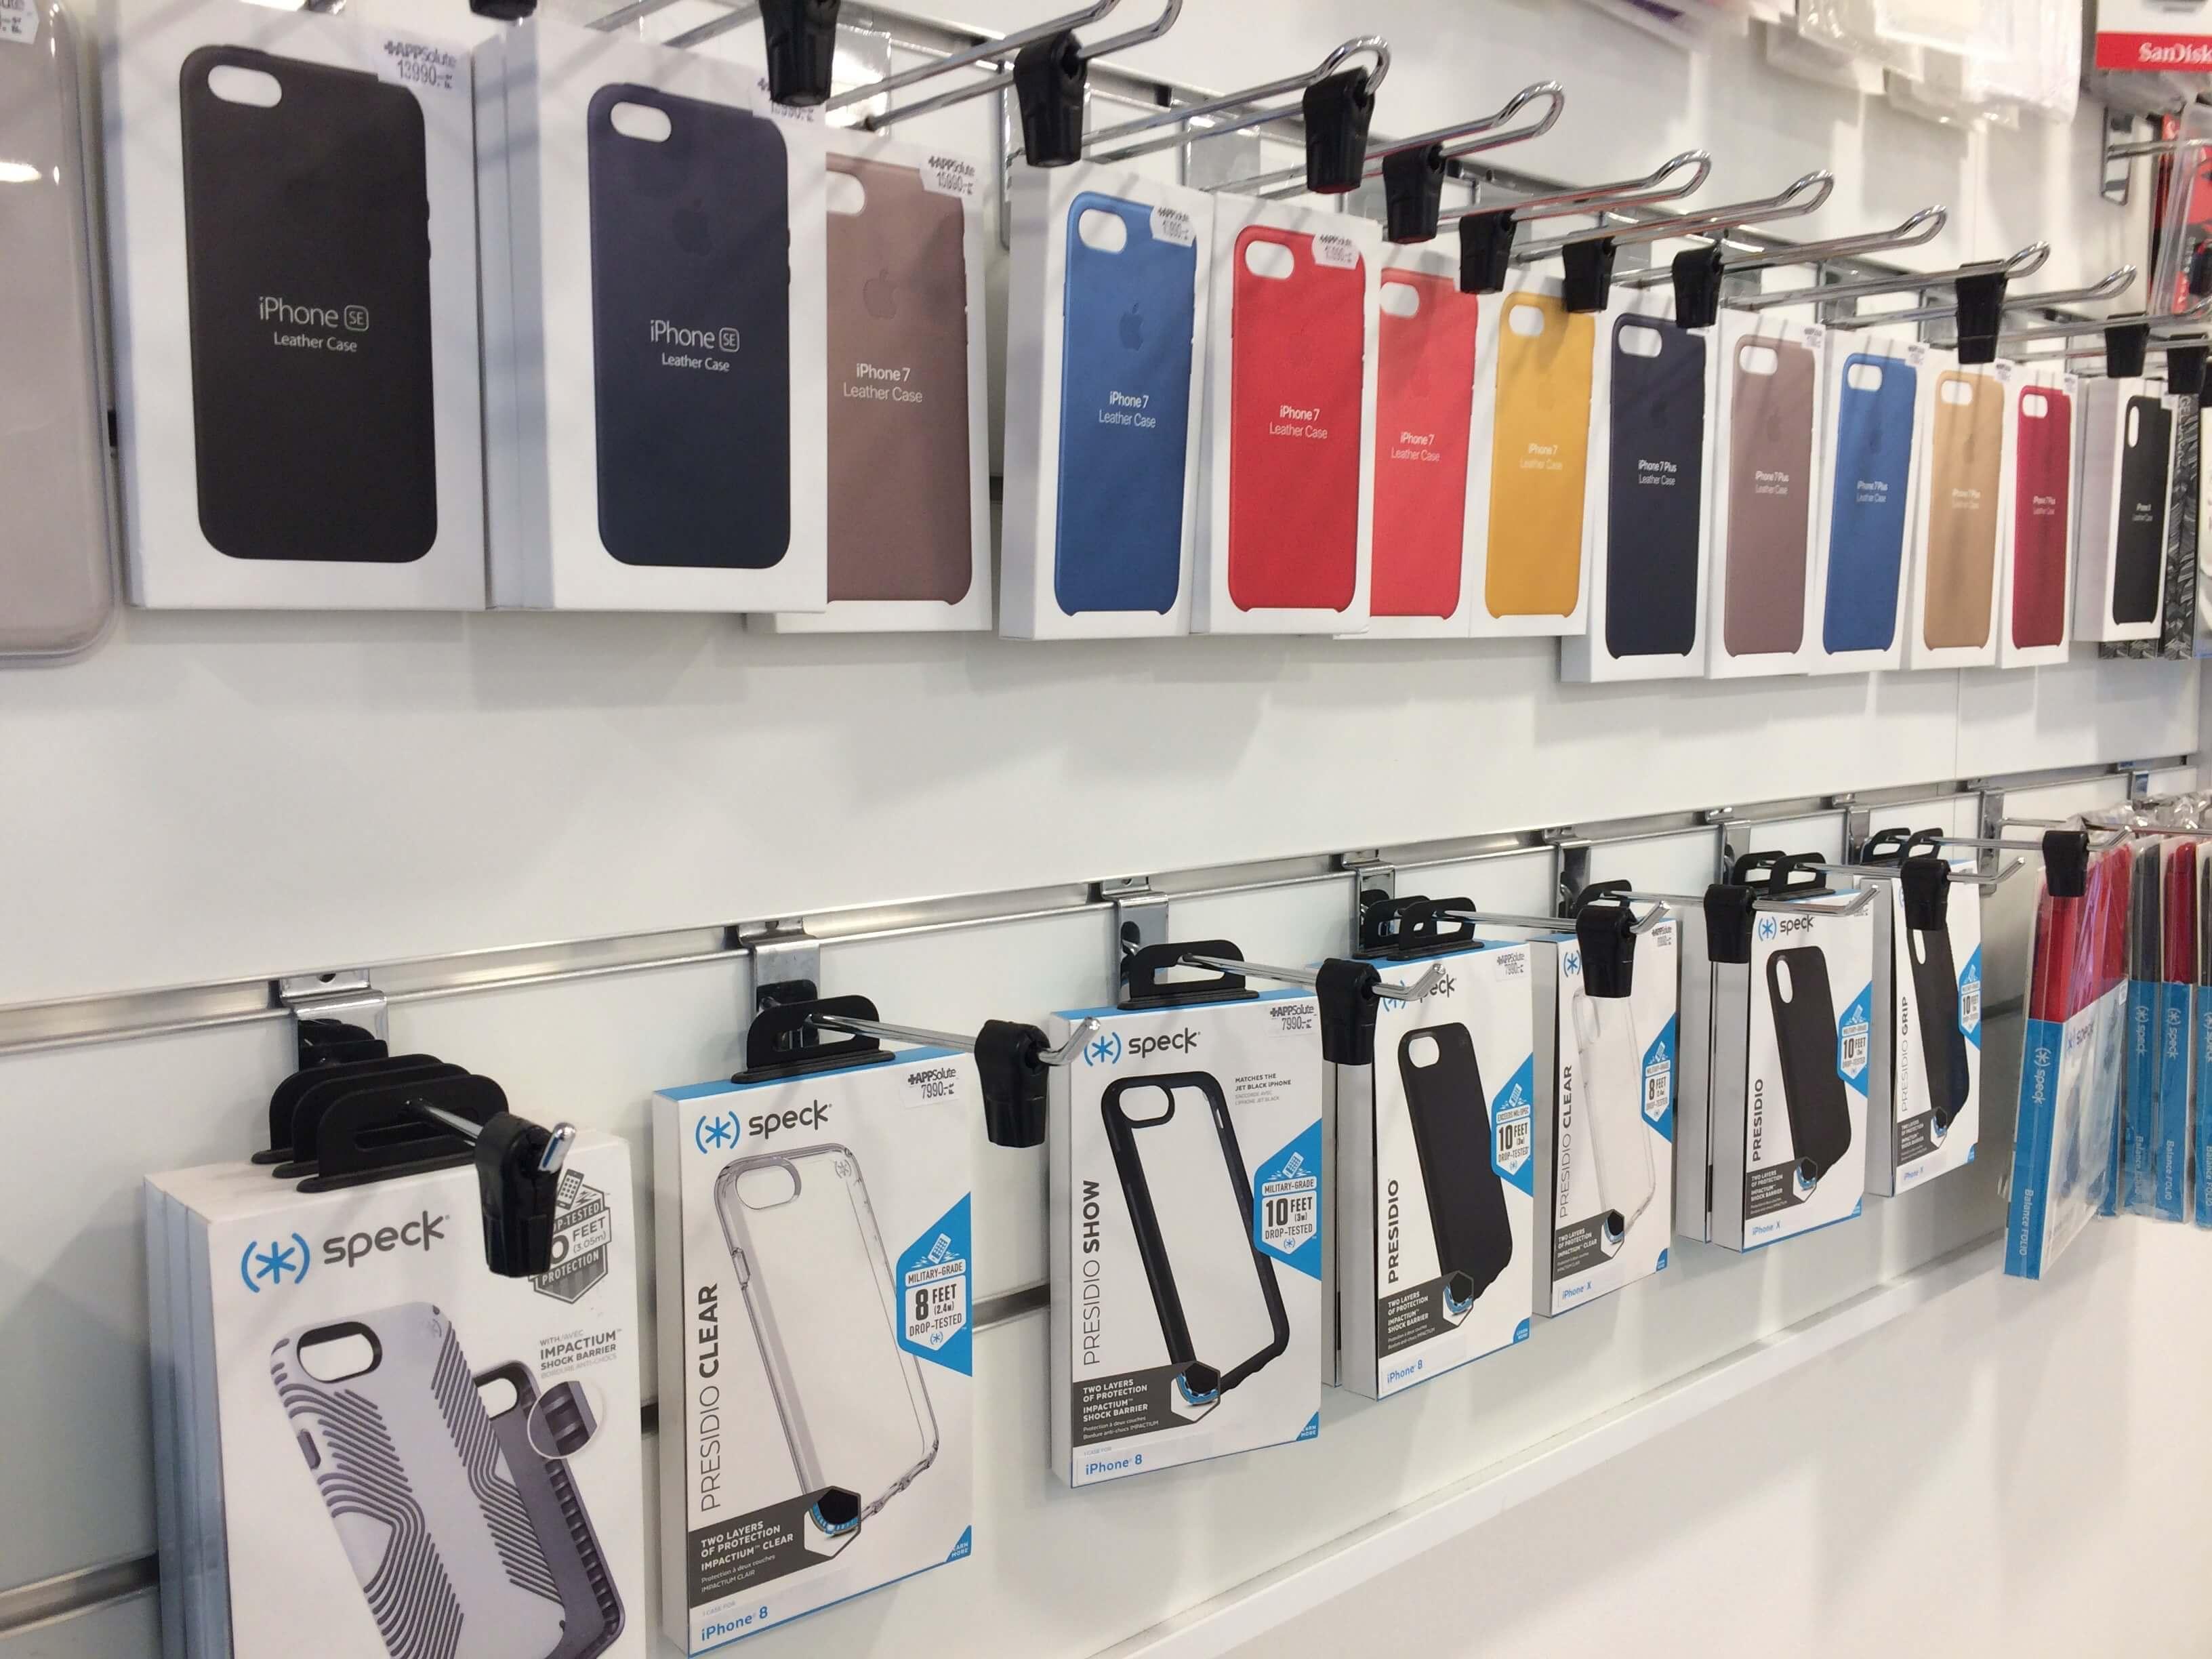 iPhone védőtok, iPhone kijelzővédő fólia, iPhone tokok, iPhone tok választék